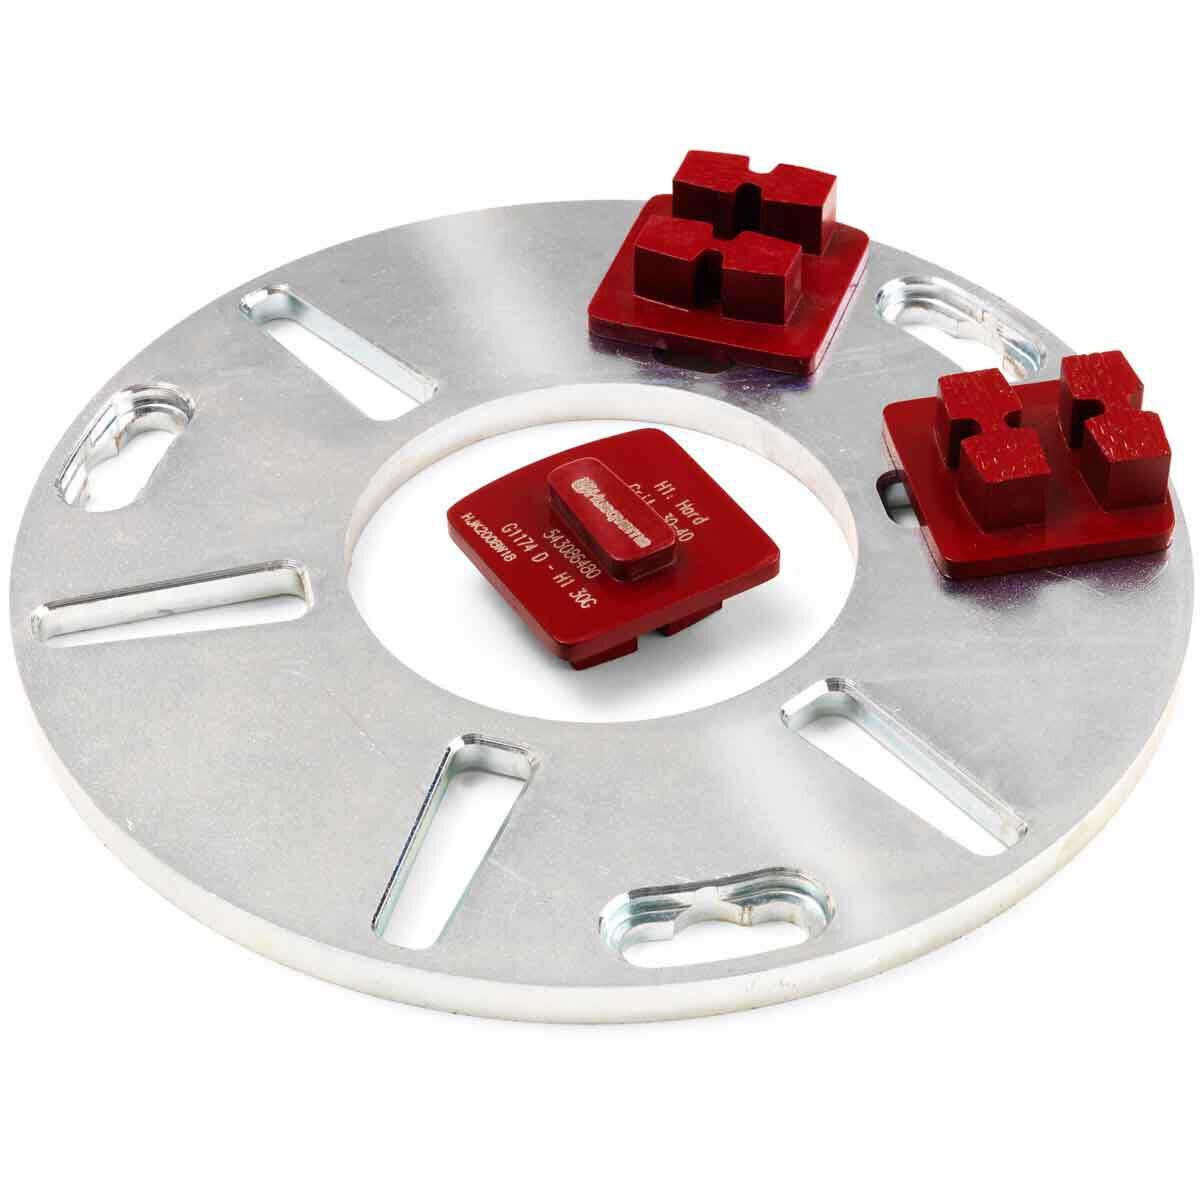 Husqvarna Redi Lock disc 522677401